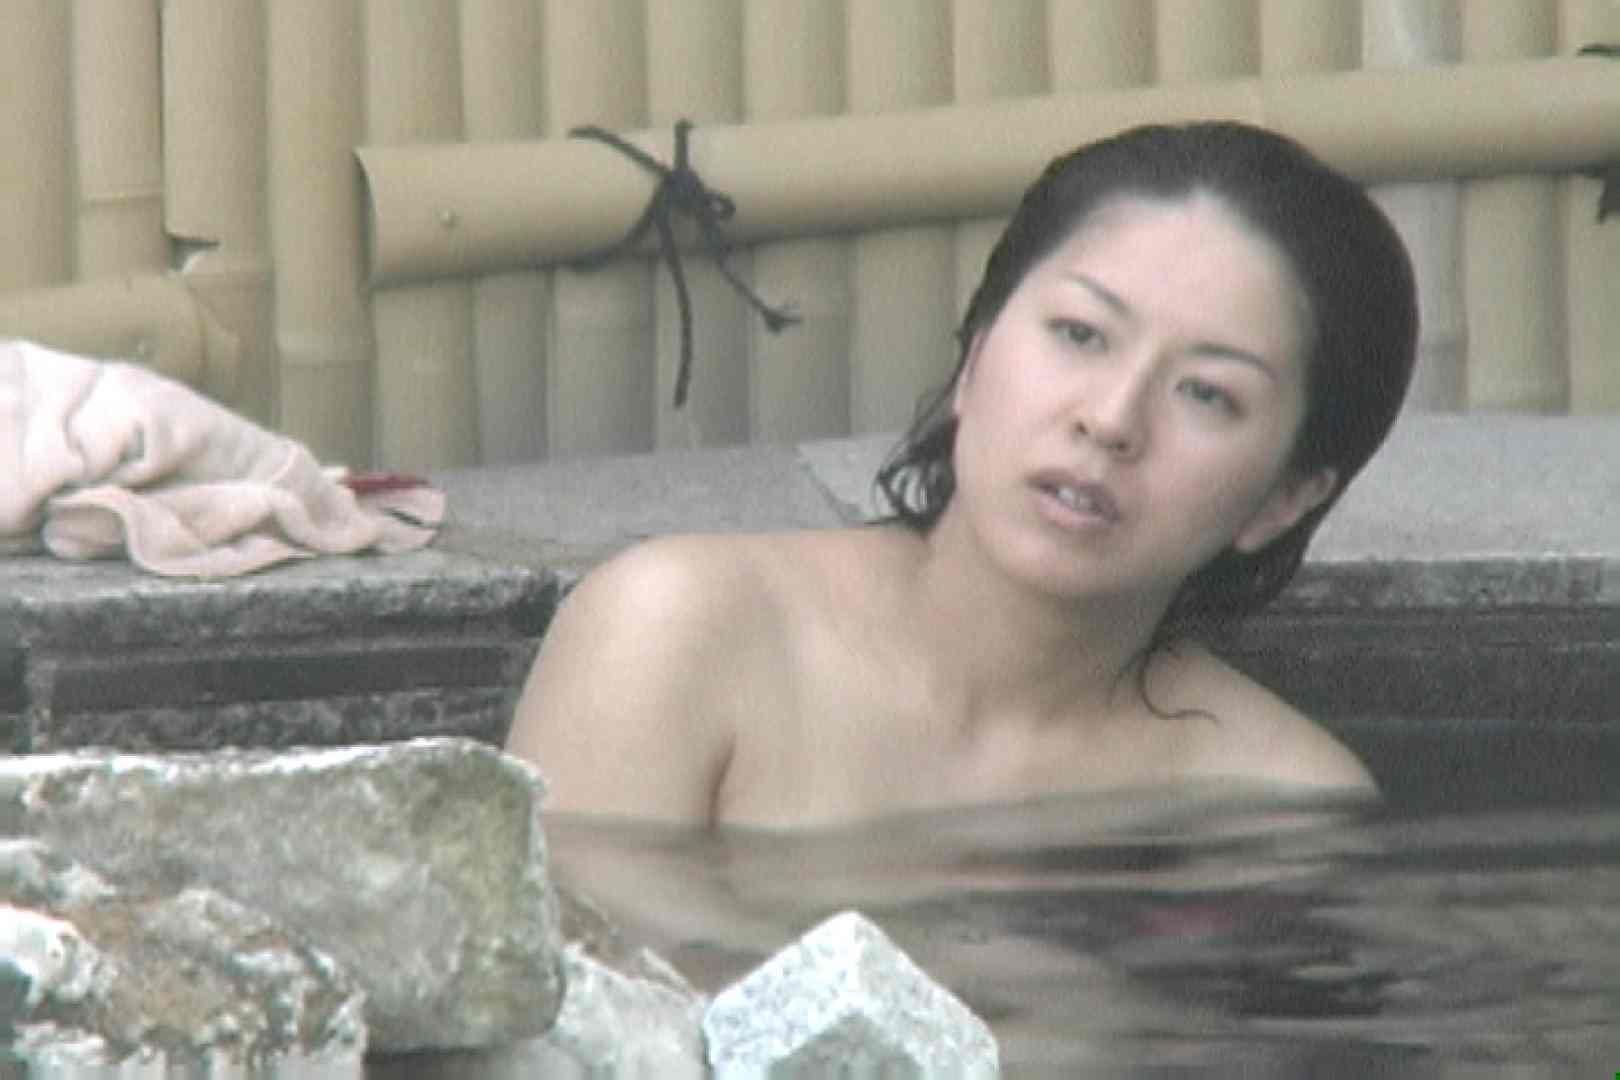 Aquaな露天風呂Vol.694 盗撮動画 | 露天風呂  10枚 9